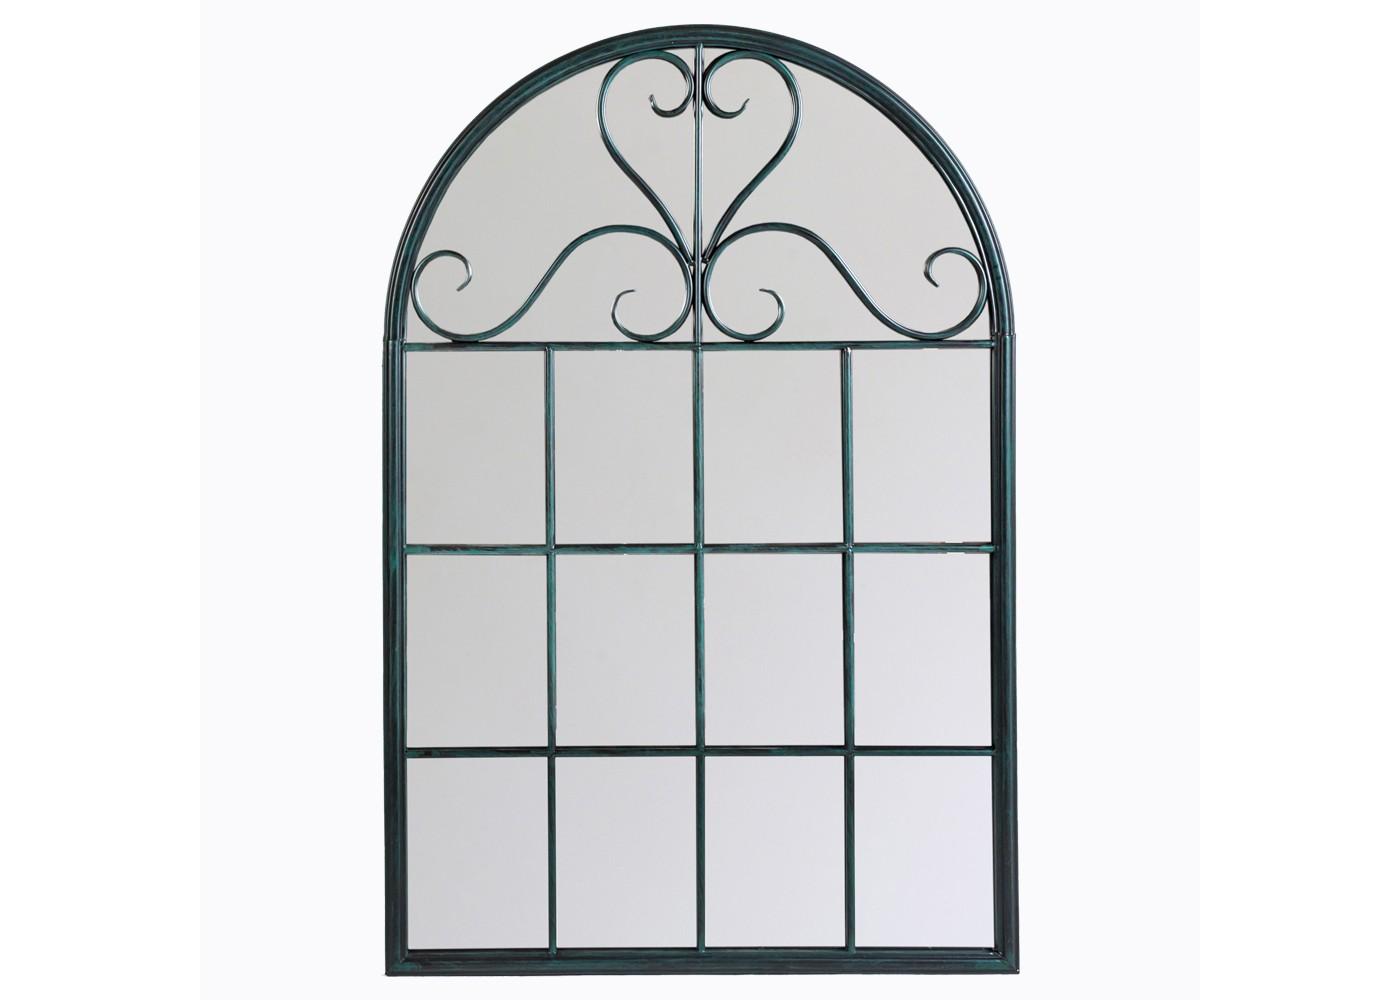 Настенное зеркало «Венсен» (черный антик)Настенные зеркала<br>Зеркало арочной формы ? отличный способ добавить ноту античного великолепия оформлению. Декор, вдохновленный пропорциями старинной архитектуры, отличается изяществом и романтизмом. Вековые традиции, воплощенные в утонченном силуэте, обещают зеркалу превосходную совместимость с французским, прованским, классическим и даже современным стилями.&amp;lt;div&amp;gt;&amp;lt;br&amp;gt;&amp;lt;/div&amp;gt;&amp;lt;div&amp;gt;Размер: 75?113?2,5 см.&amp;lt;/div&amp;gt;<br><br>Material: Металл